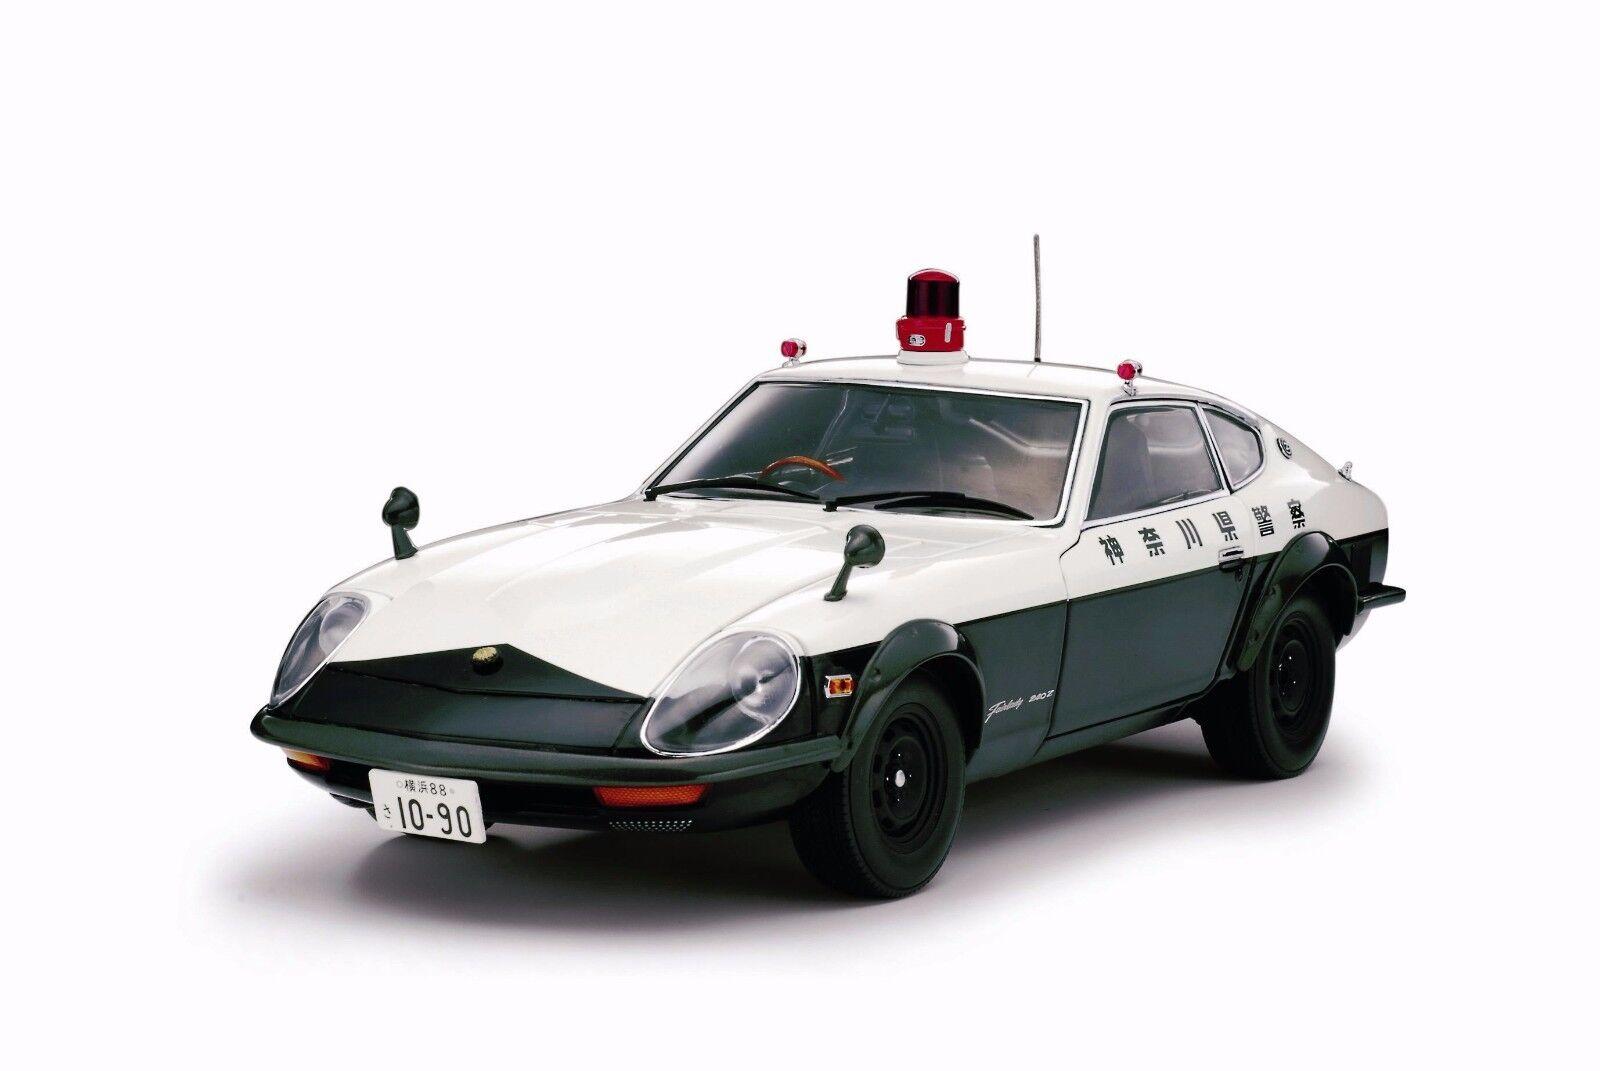 Nissan Fairlady 240 ZG policía kanagawa Pref  Kyosho 08216A